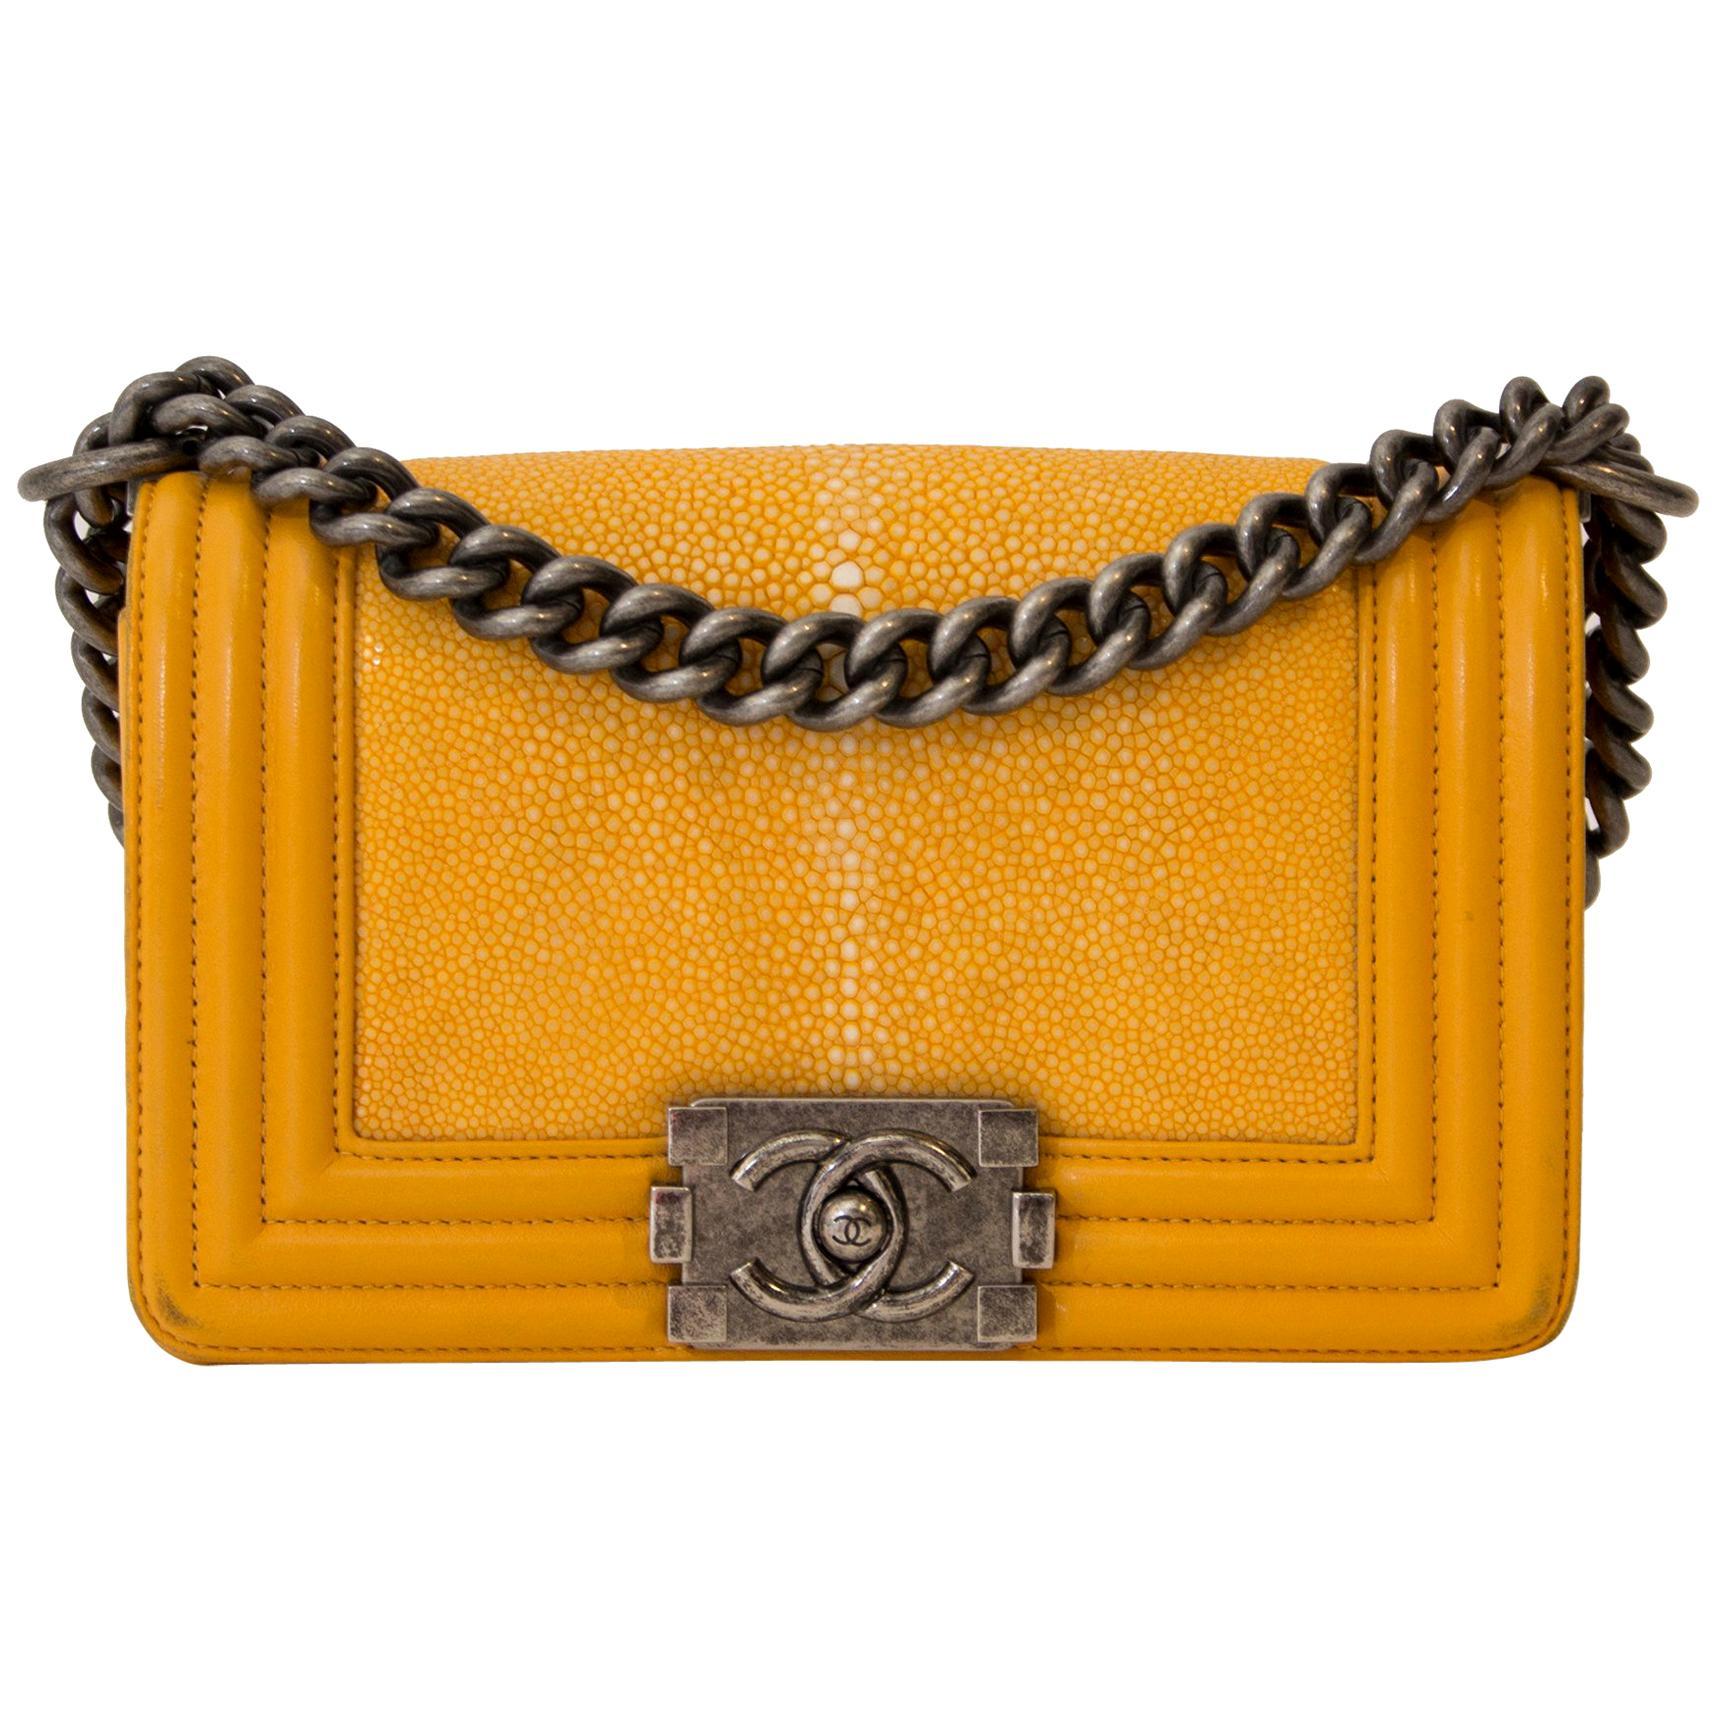 Chanel Small Yellow Galuchat Stingray Lambskin Boy Bag